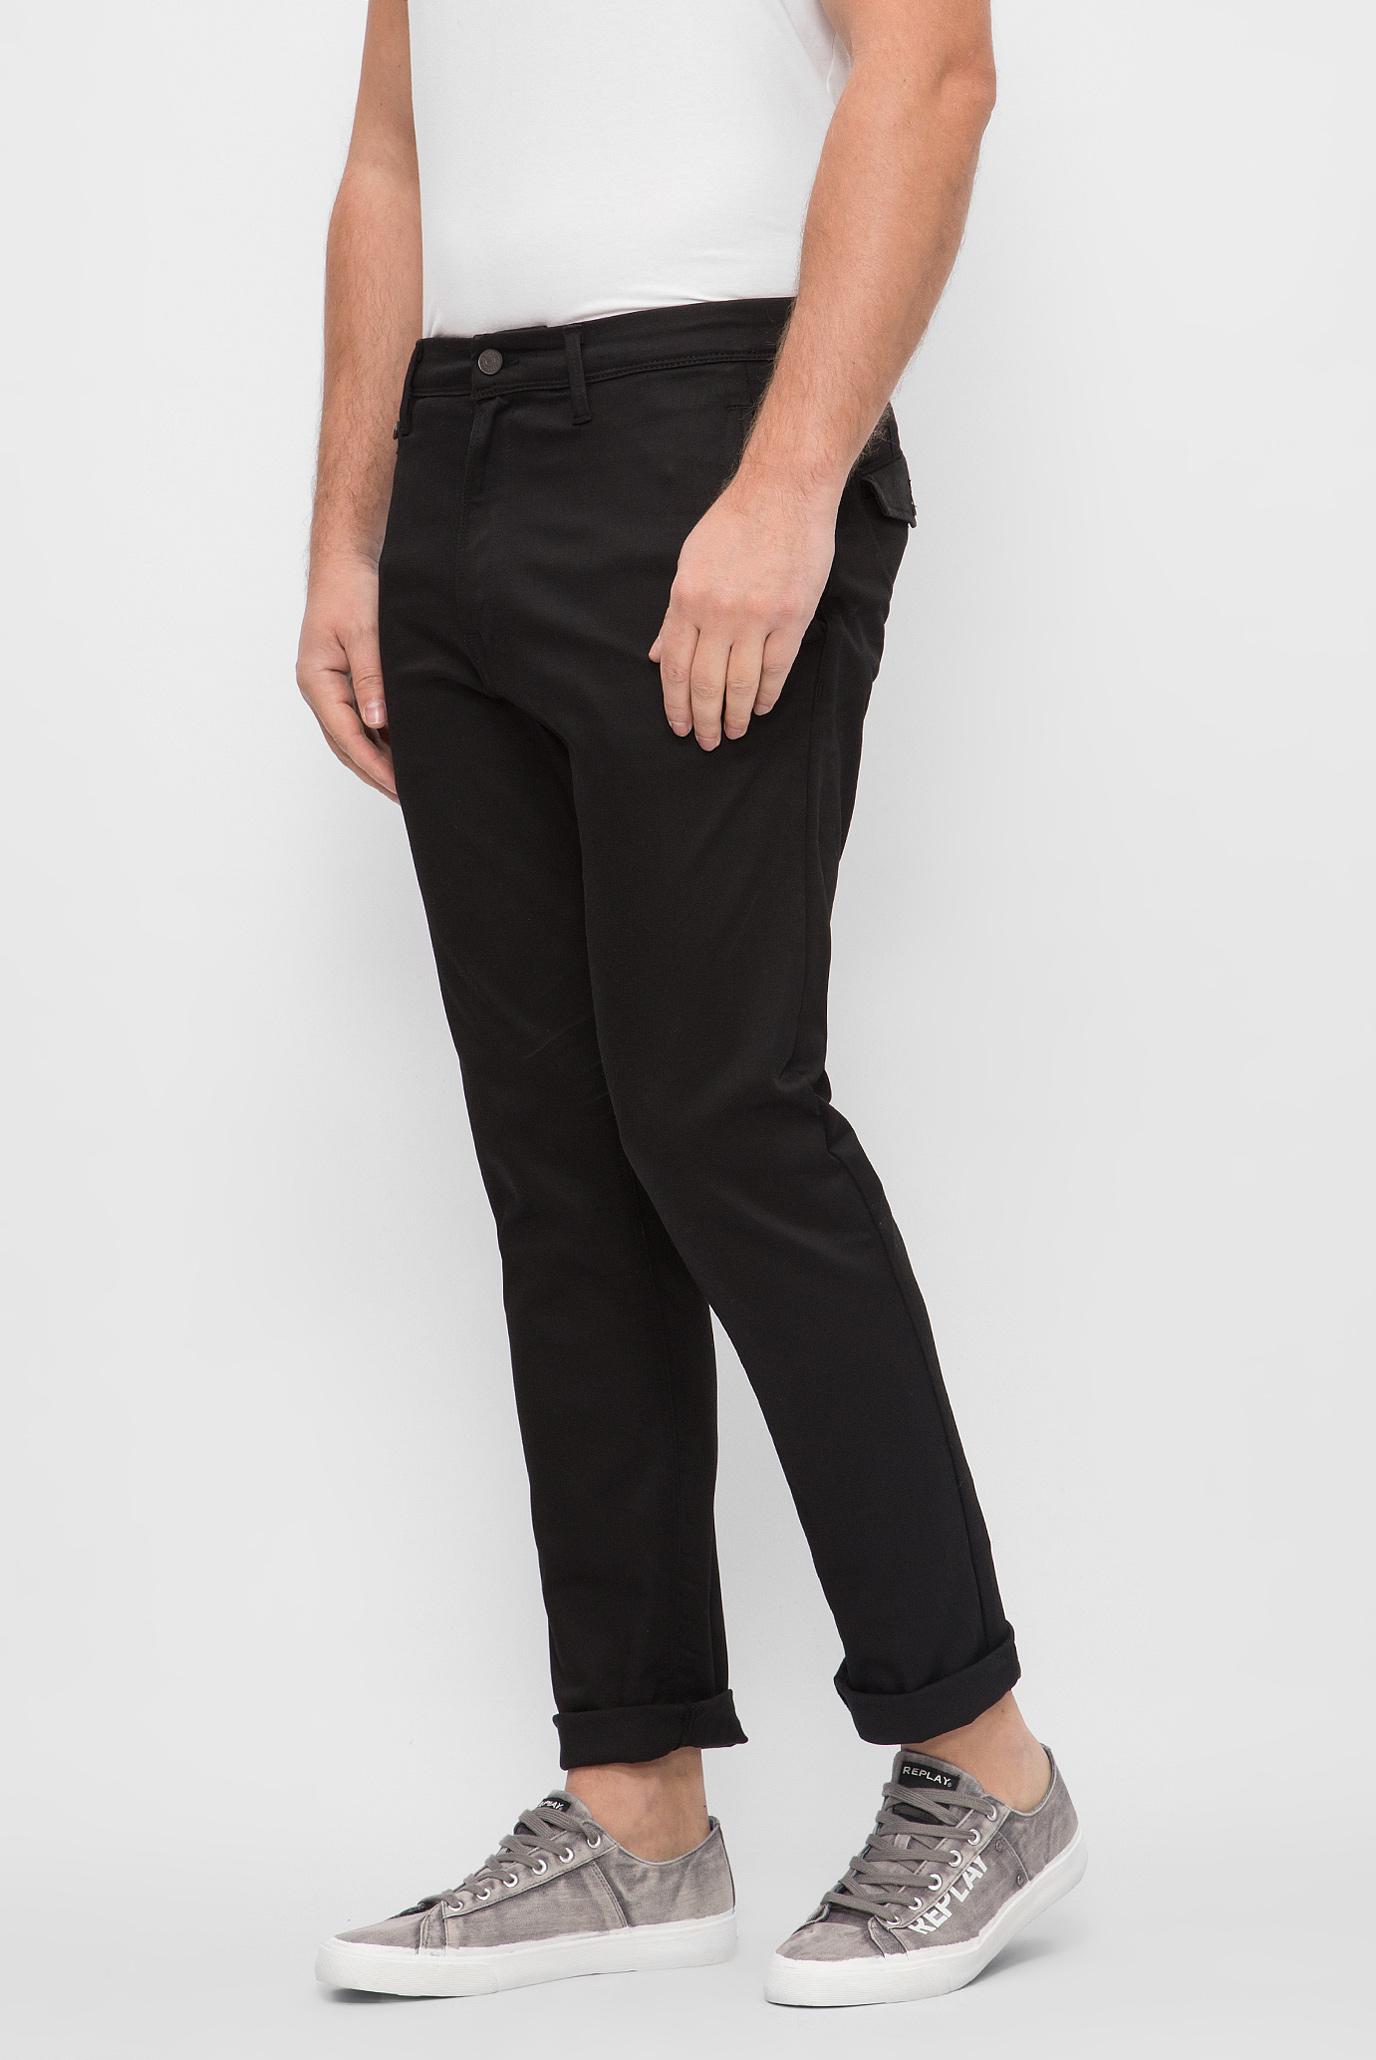 Купить Мужские черные джинсы BRERRY Replay Replay M9595 .000.661 03B – Киев, Украина. Цены в интернет магазине MD Fashion